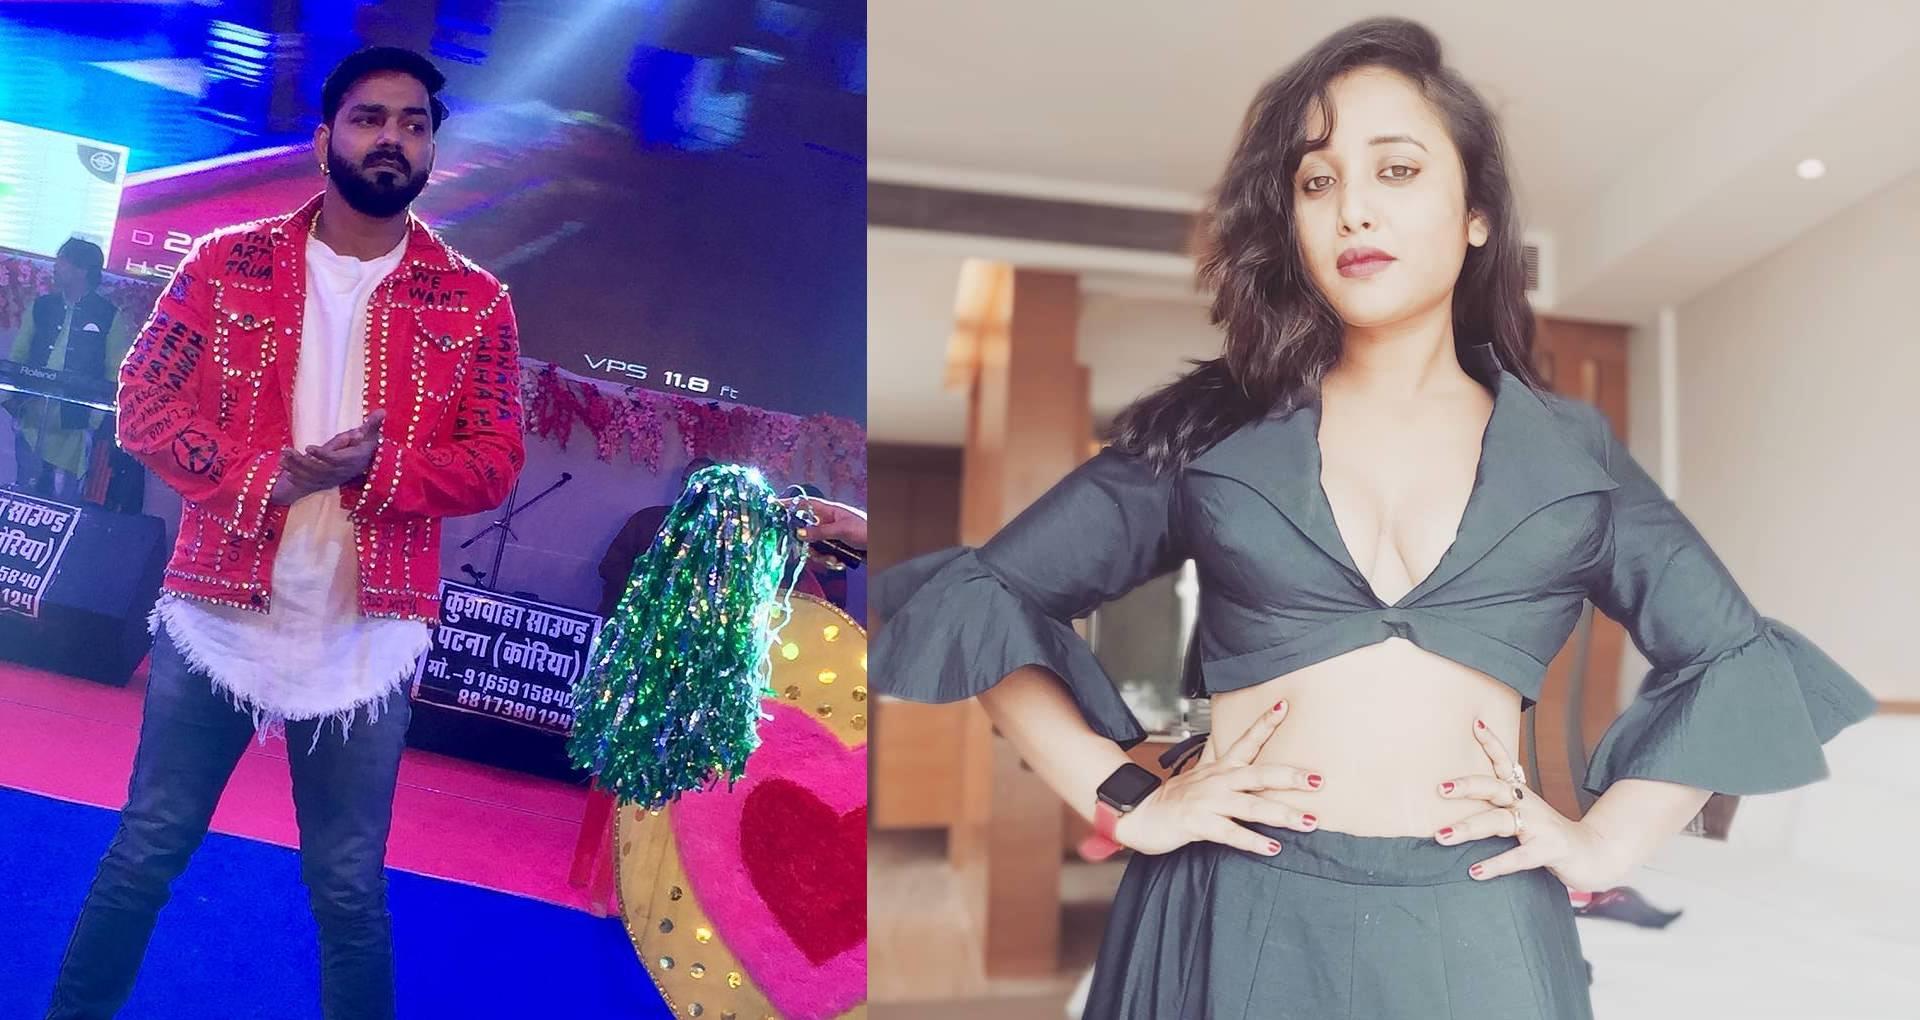 एक्सक्लूसिव: पवन सिंह के साथ भोजपुरी फिल्म शपथ नहीं करेंगी रानी चटर्जी, एक्ट्रेस ने इसे लेकर खाई कसम